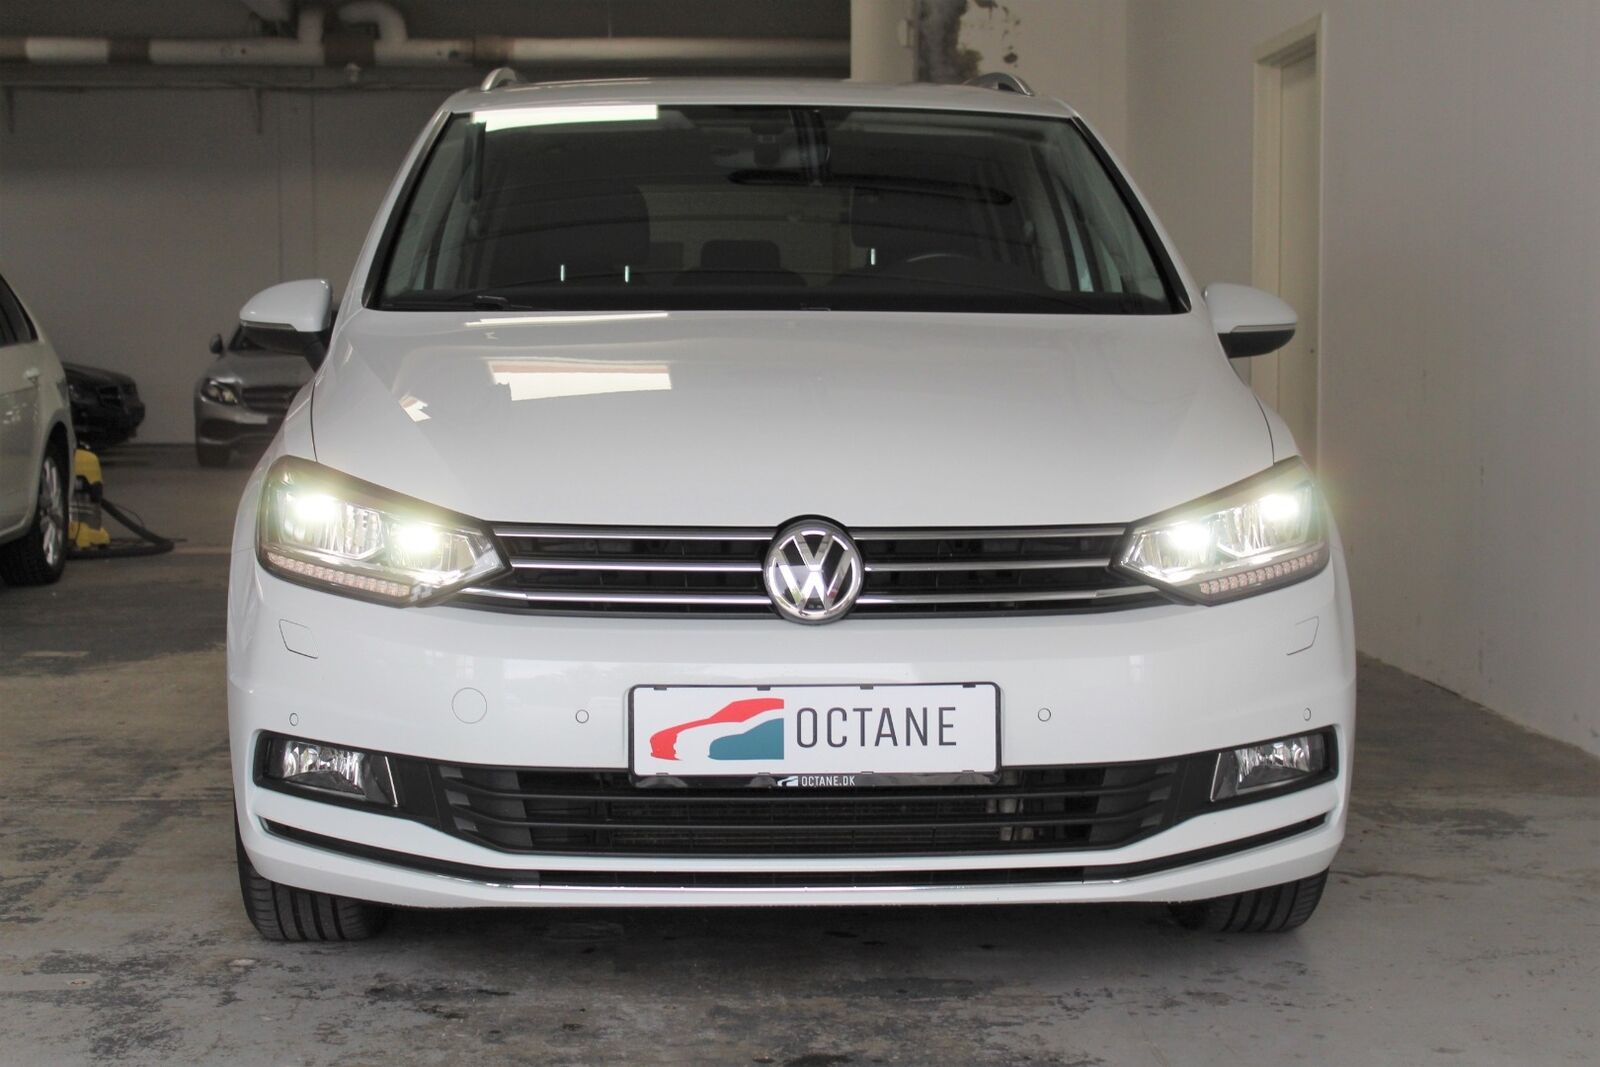 VW Touran 1,8 TSi 180 Highline DSG 7prs 5d - 299.900 kr.